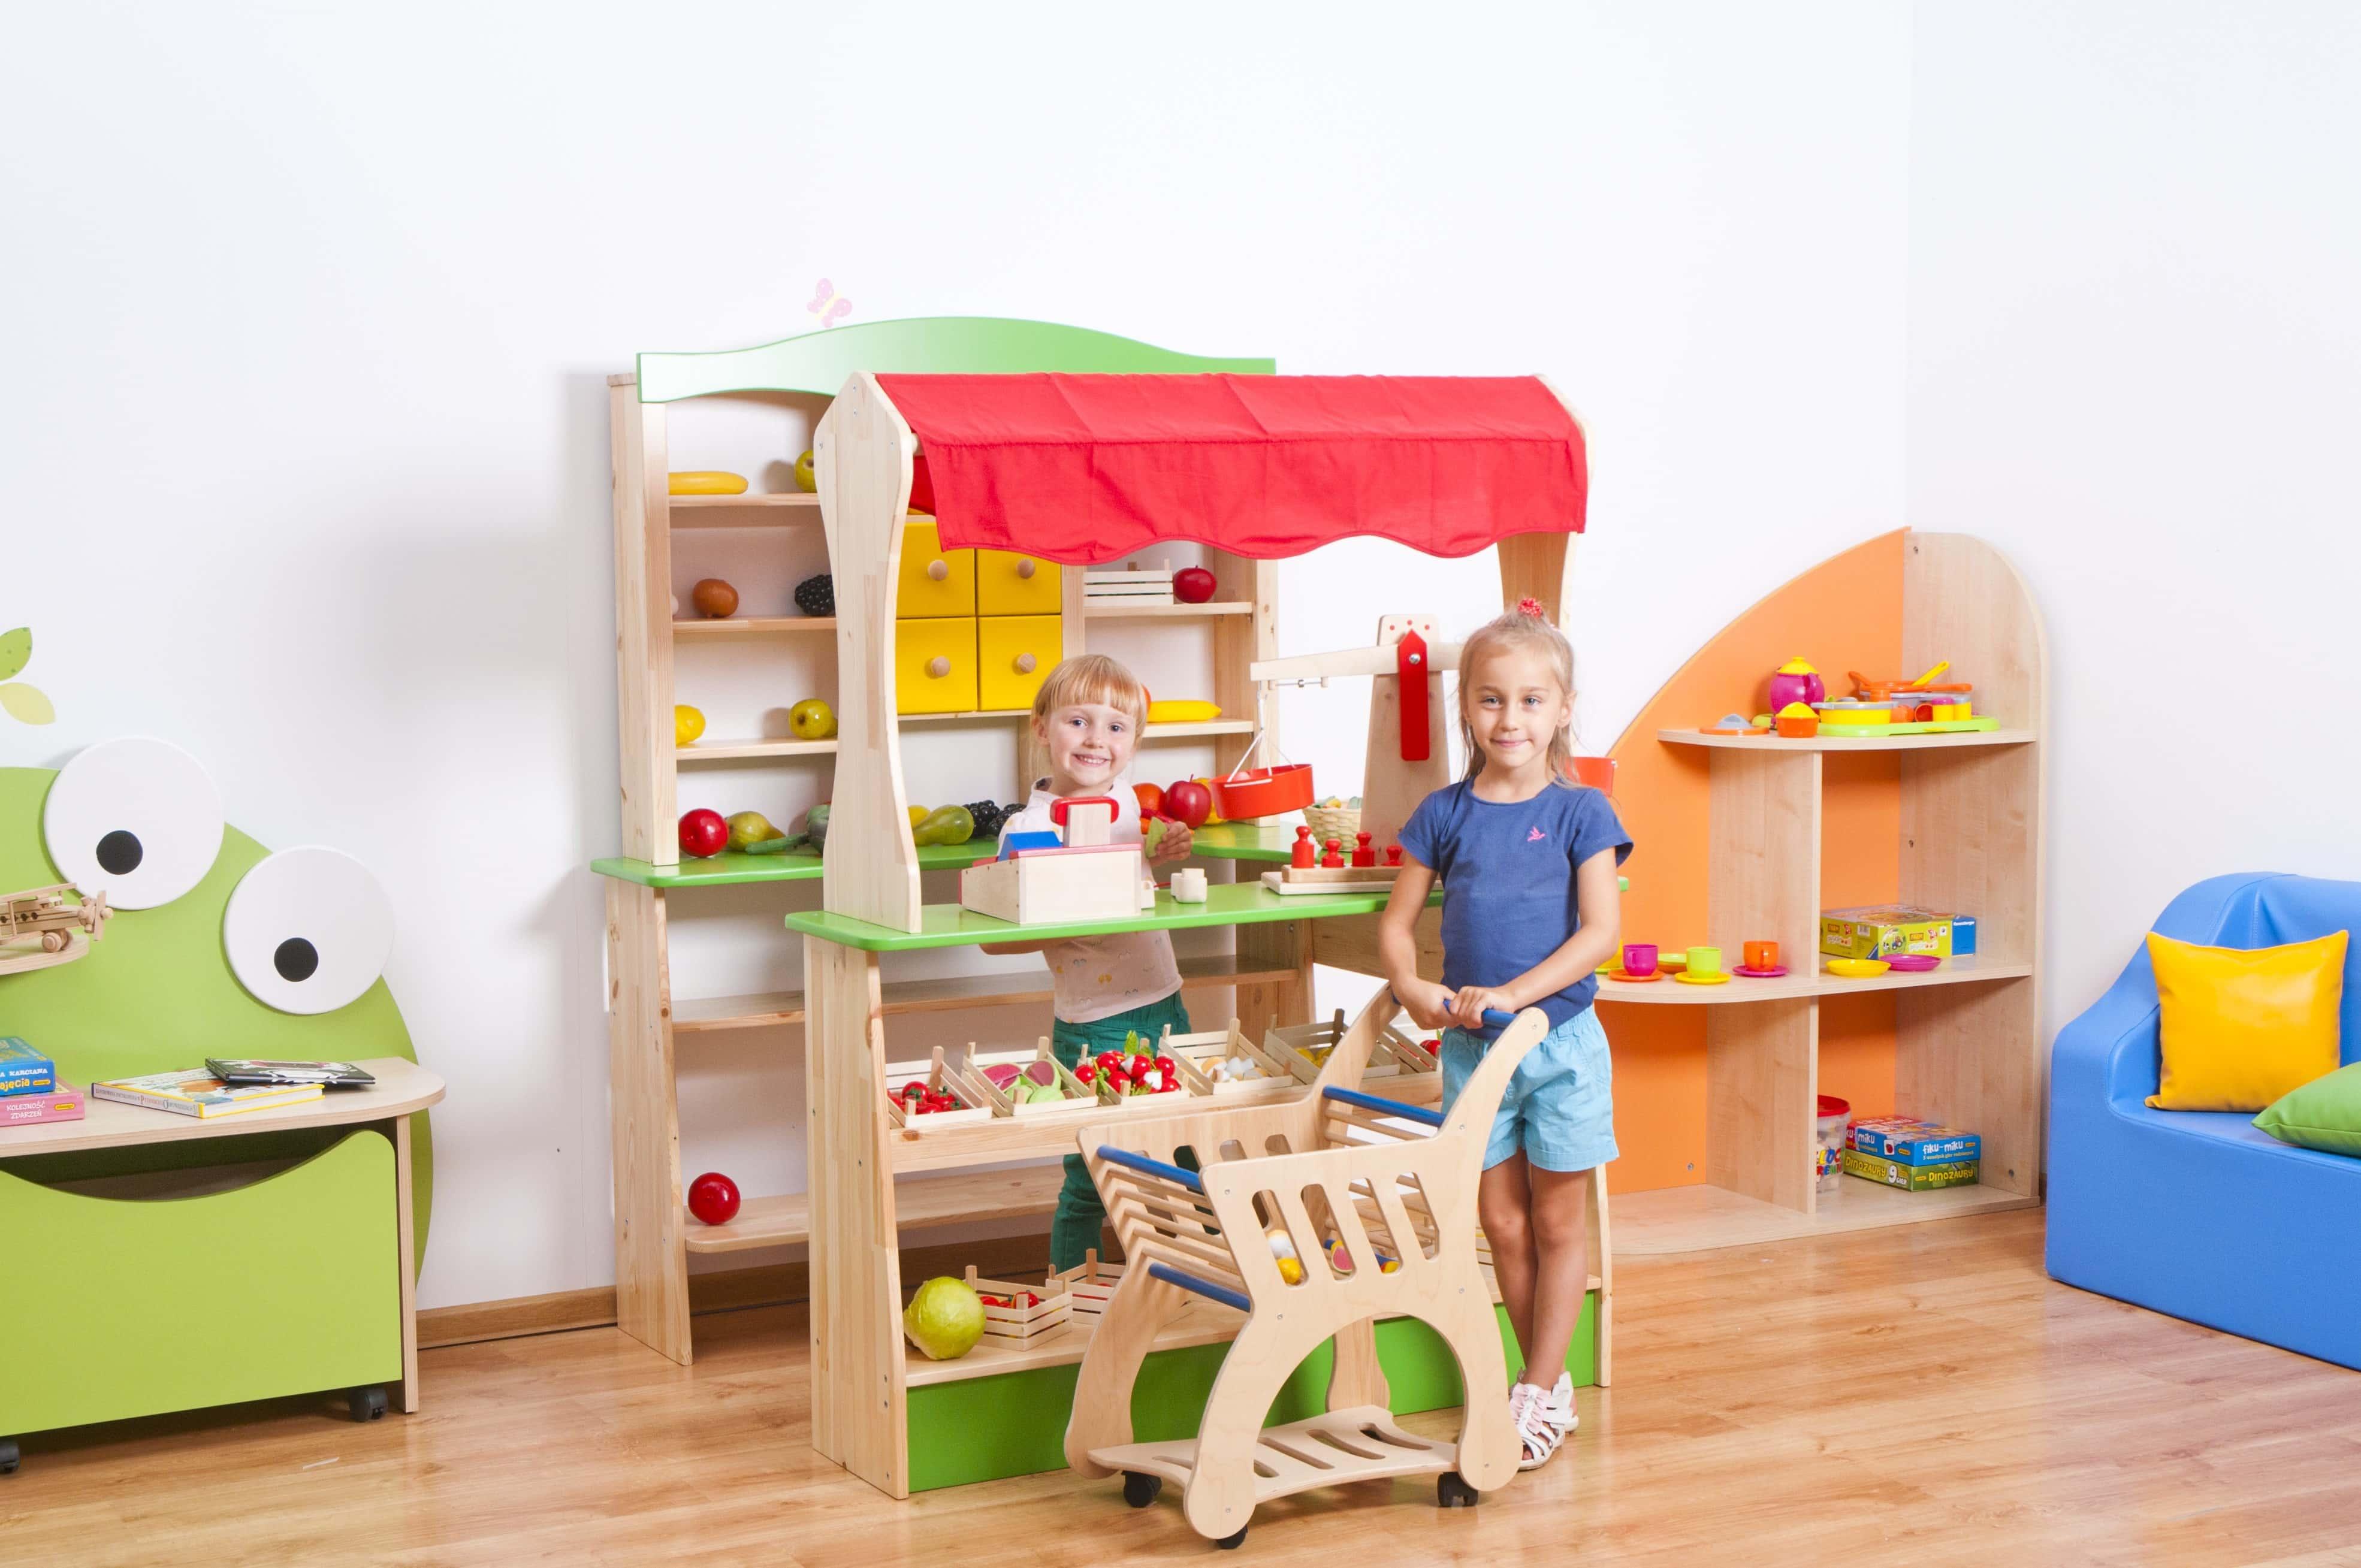 Les meilleures marques de marchande pour enfants : Smoby - Ecoiffier - Klein